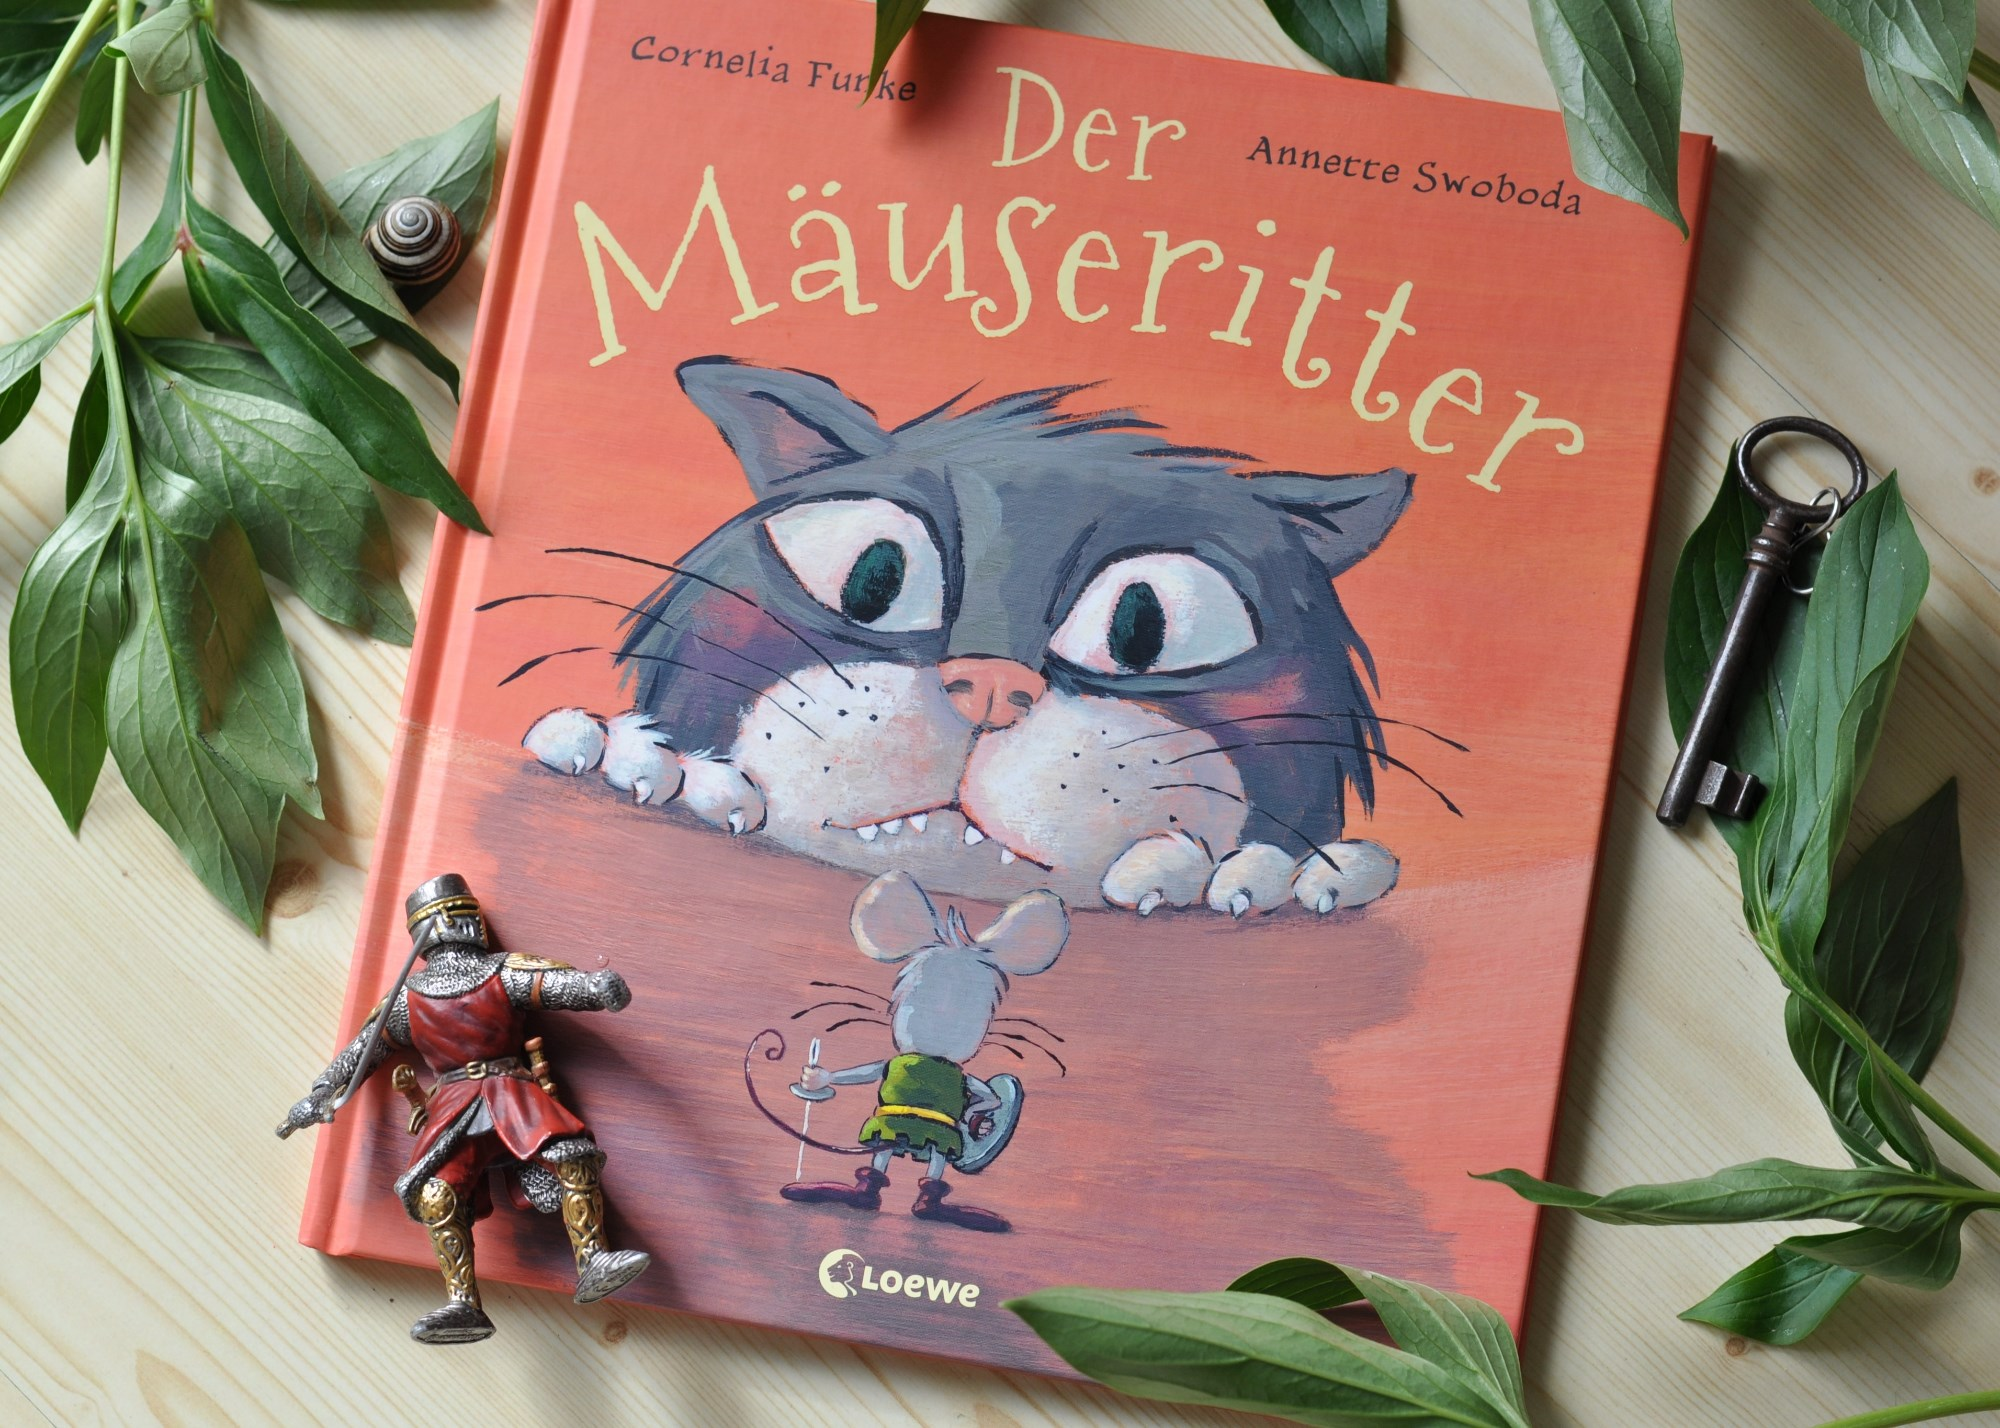 Der Mäuseritter von Cornelia Funke - Gemeinsam sind wir stärker #Buchtipp #Bilderbuch #Rezension #Kind #Kinderbuch #Stark #Zusammenhalt